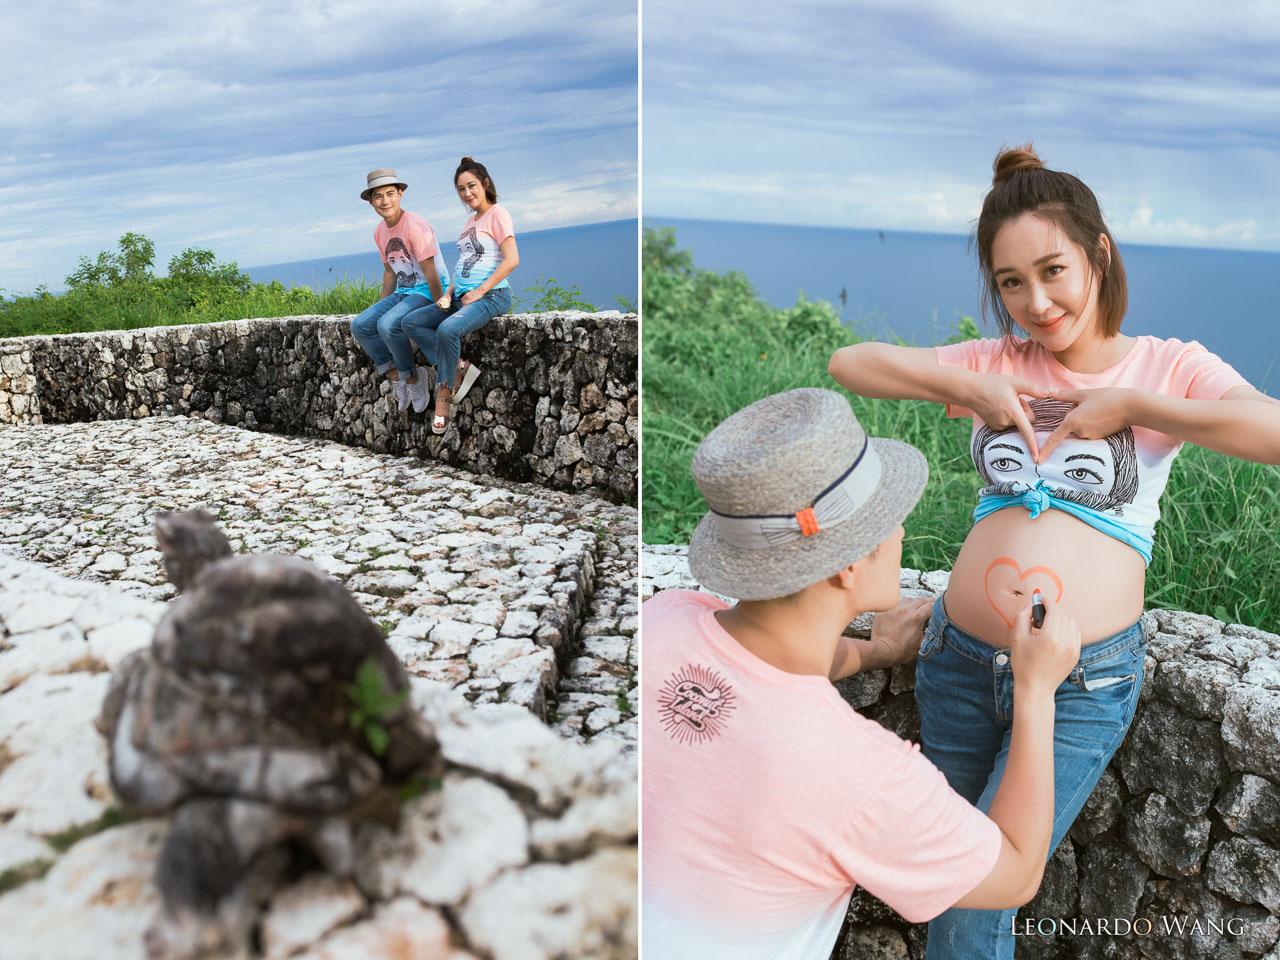 严屹宽&杜若溪-明星巴厘岛拍摄纯美自然的孕妇摄影